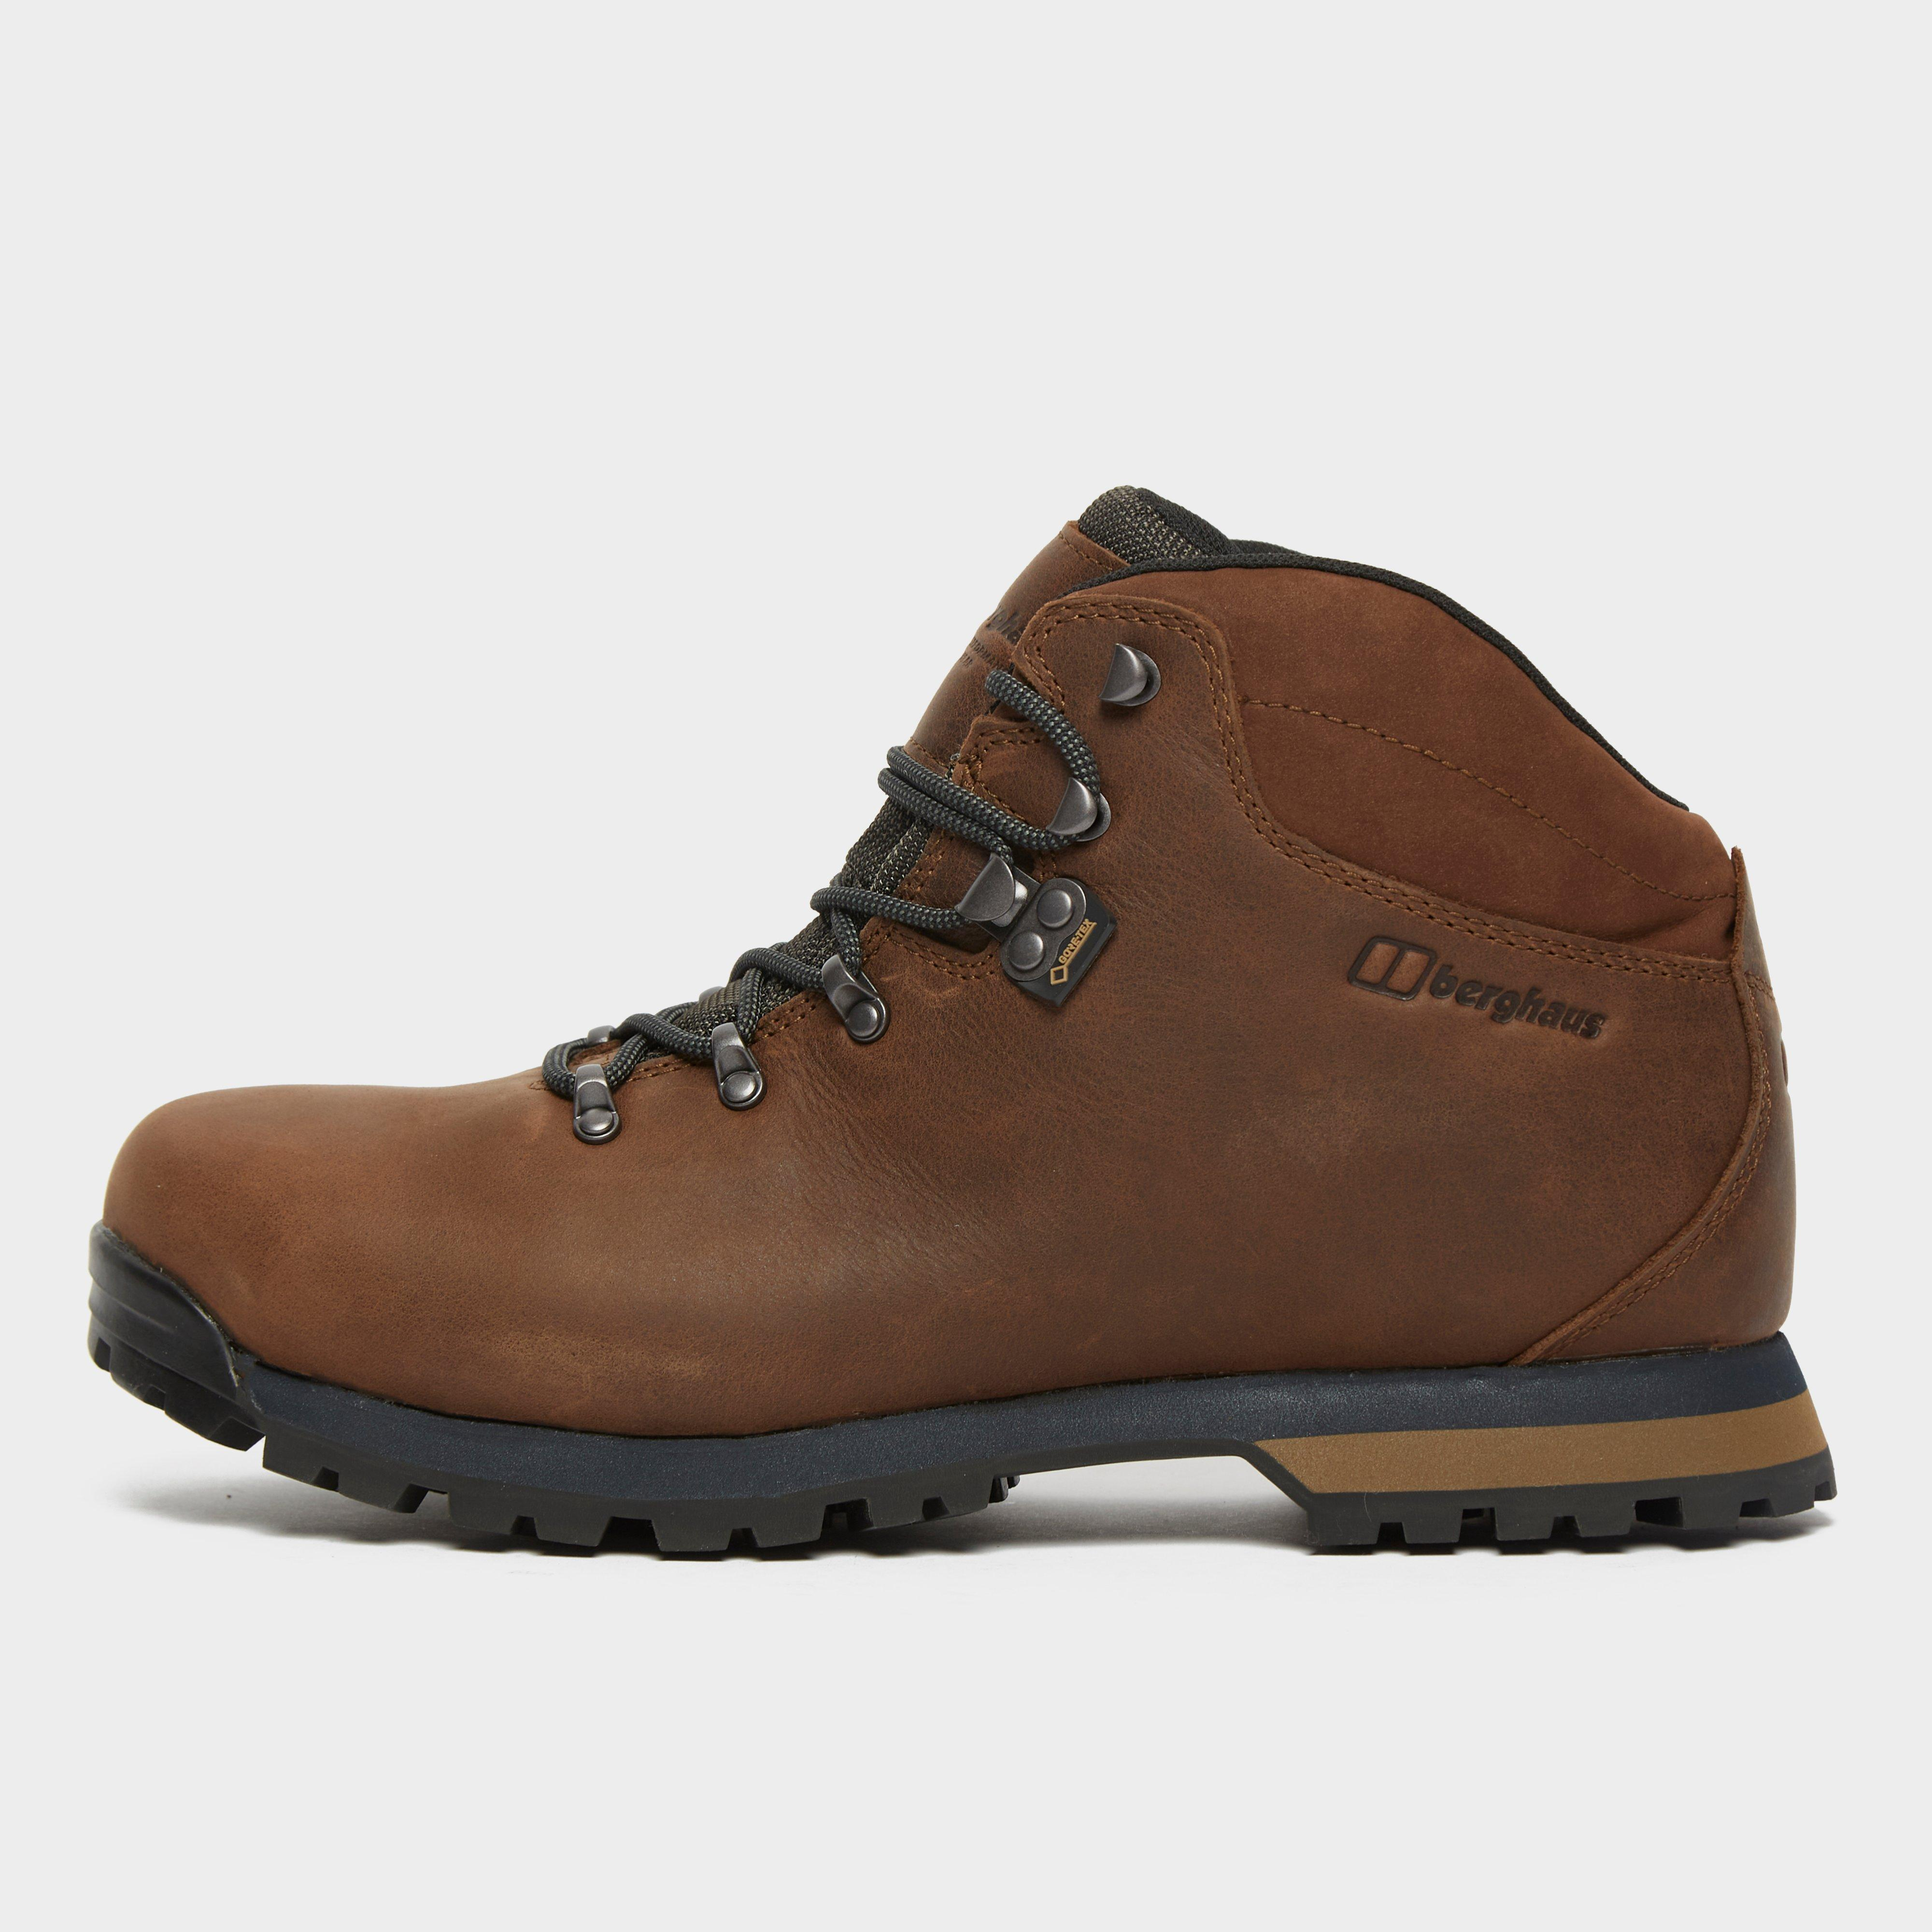 Berghaus Mens Hillwalker Ii Gore-tex  Leather Walking Boot - Brown/brown  Brown/brown